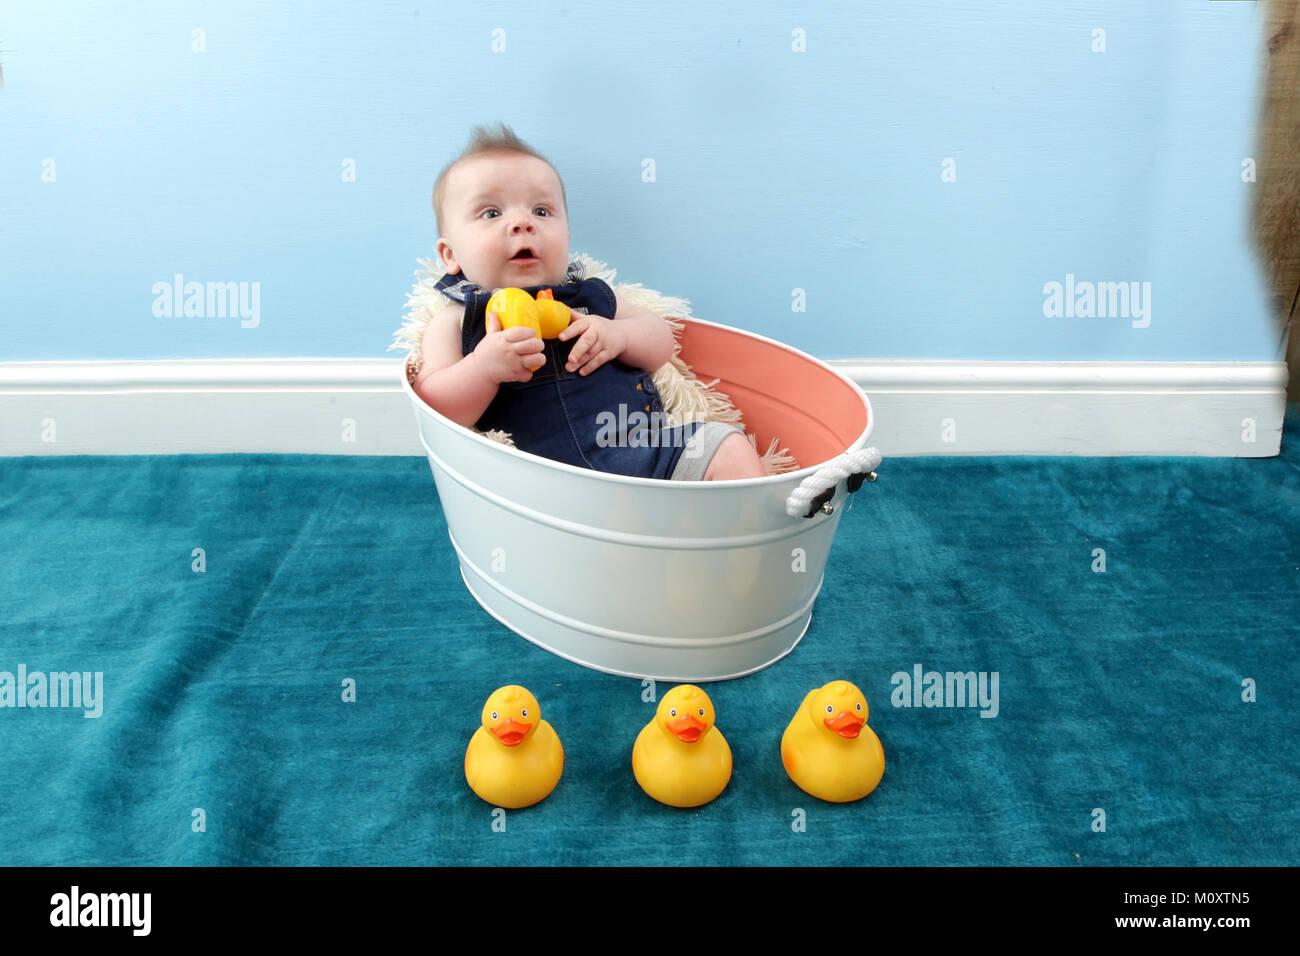 Tummy Tub Stock Photos & Tummy Tub Stock Images - Alamy